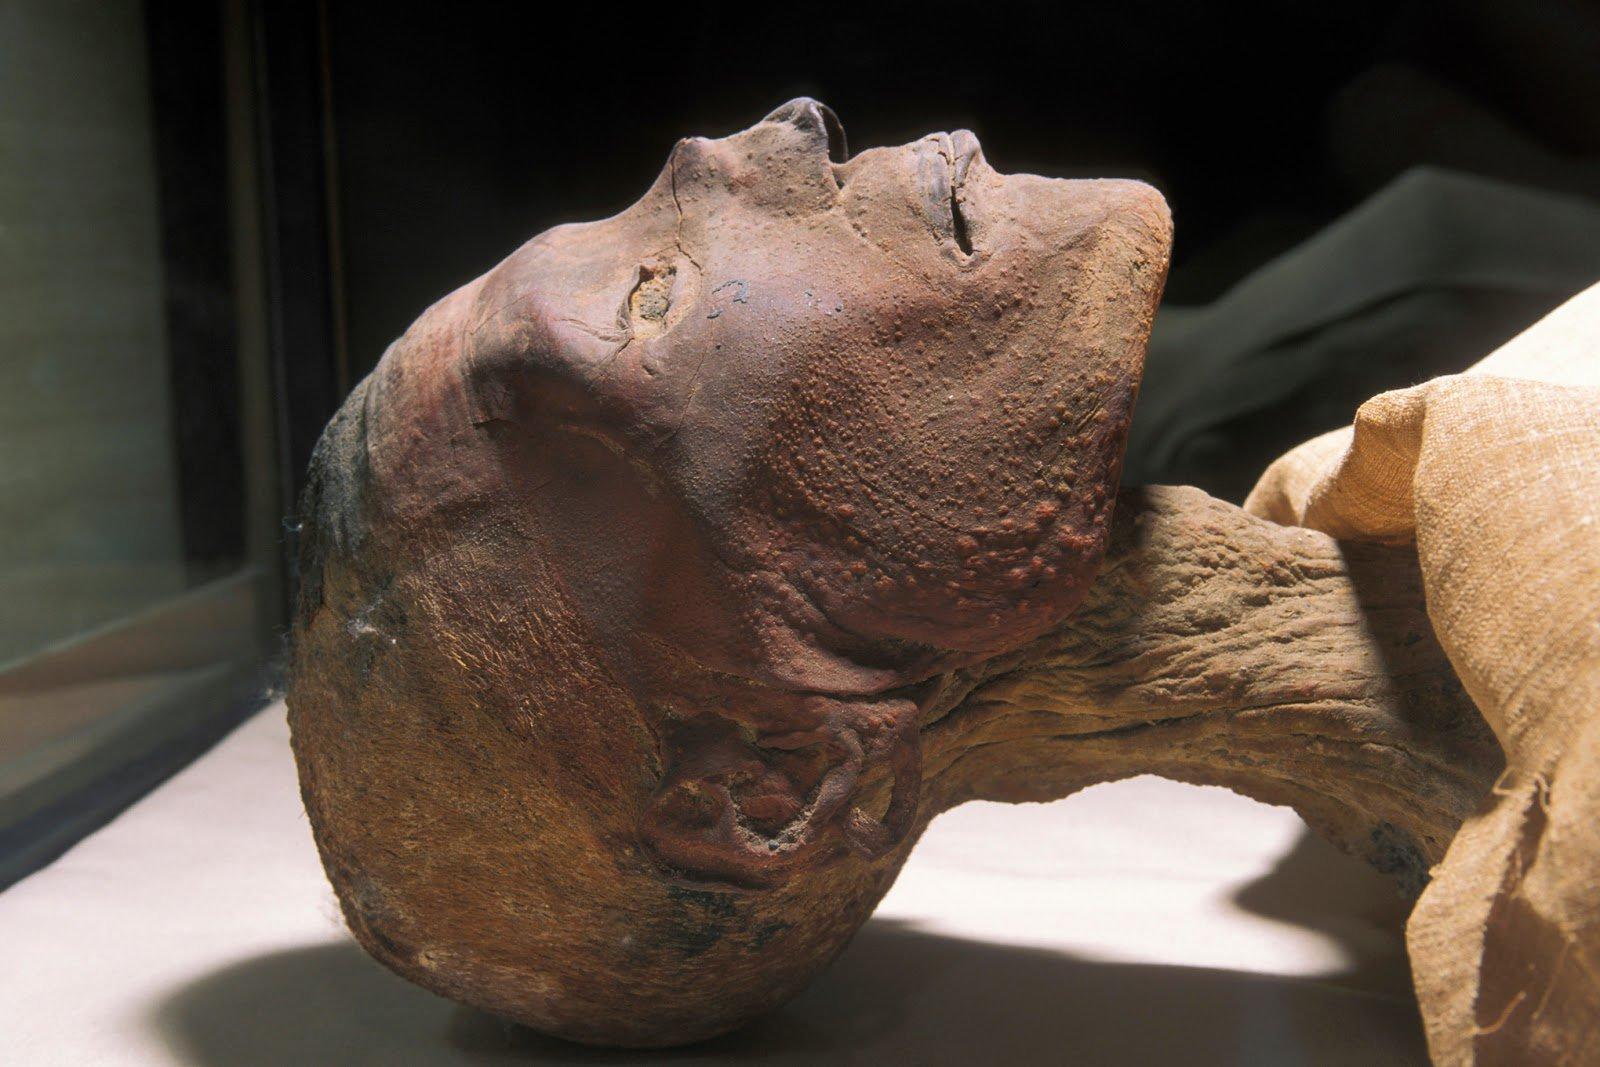 Usermaatra-Sejeperenra Ramsés-Amonhirjopshef Ramsés V para los amigos el caso de #viruela + antiguo que se conoce (1147-1143 aC) #22ángeles https://t.co/fXdzimSZ94